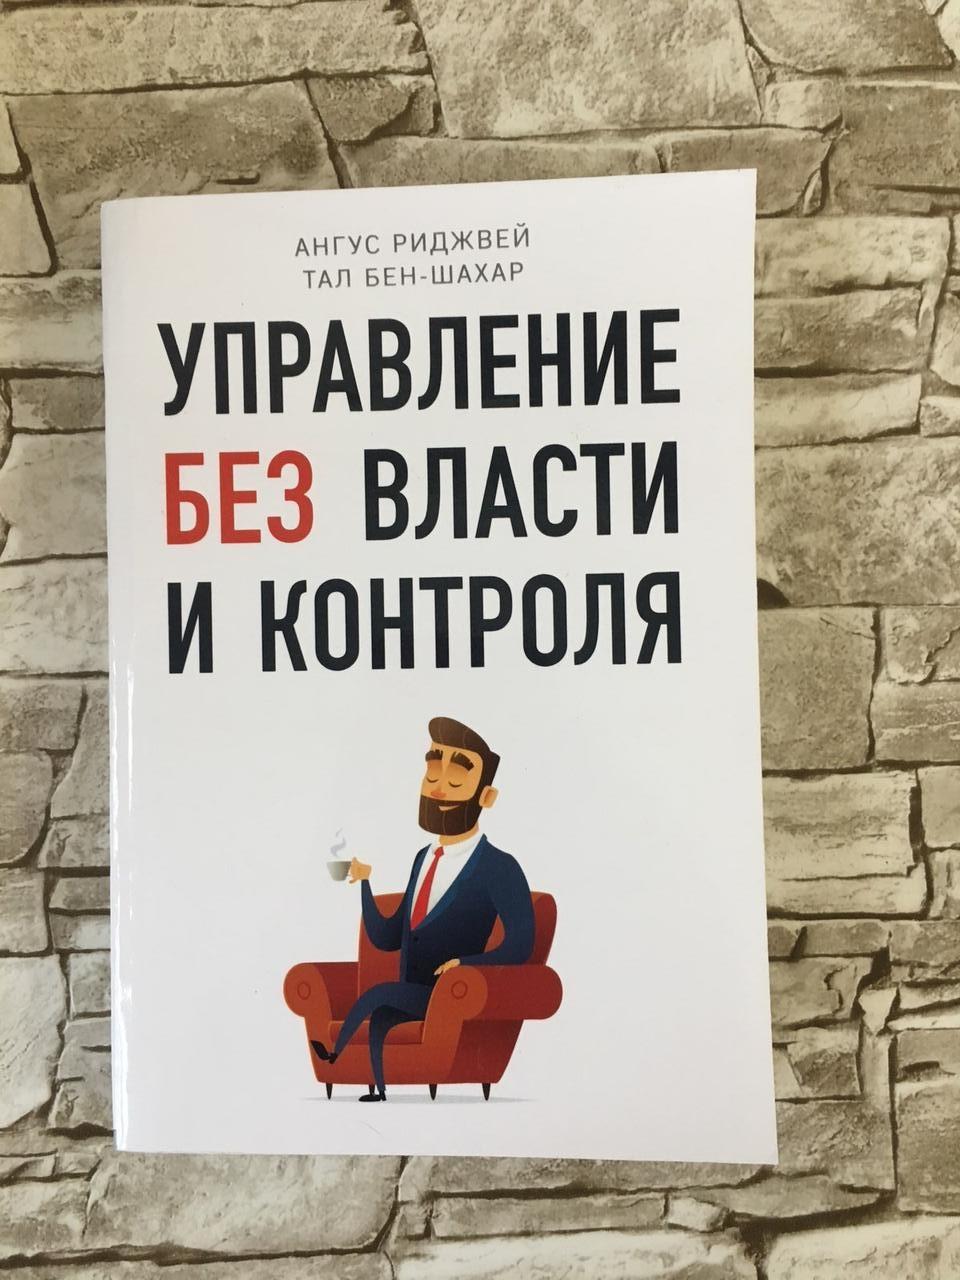 """Книга """"Управление без власти и контроля"""" Тал Бен-Шахар, Ангус Риджвей"""